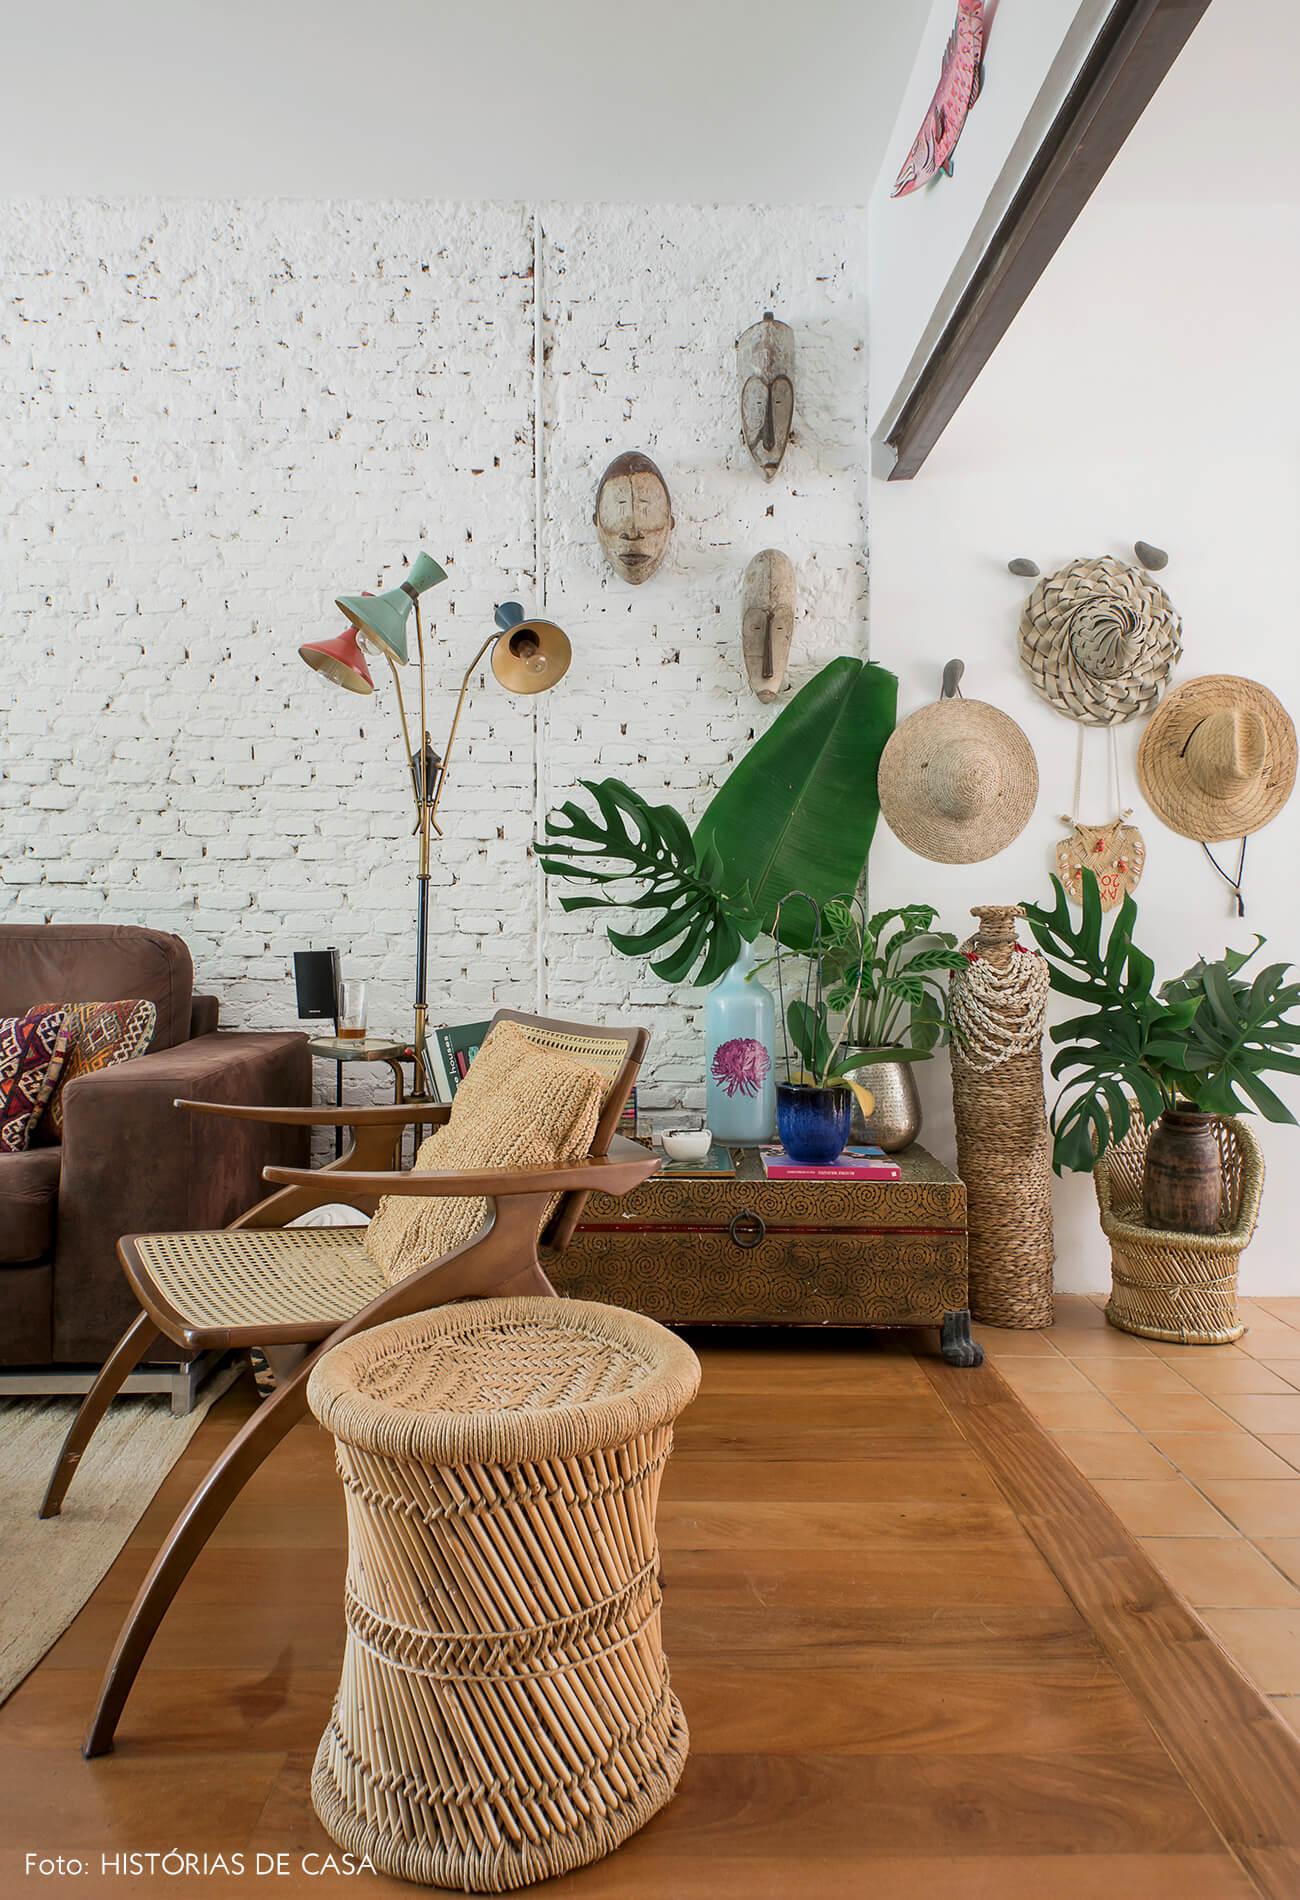 Casa com decoração eclética, texturas naturais, cestos e chapéus